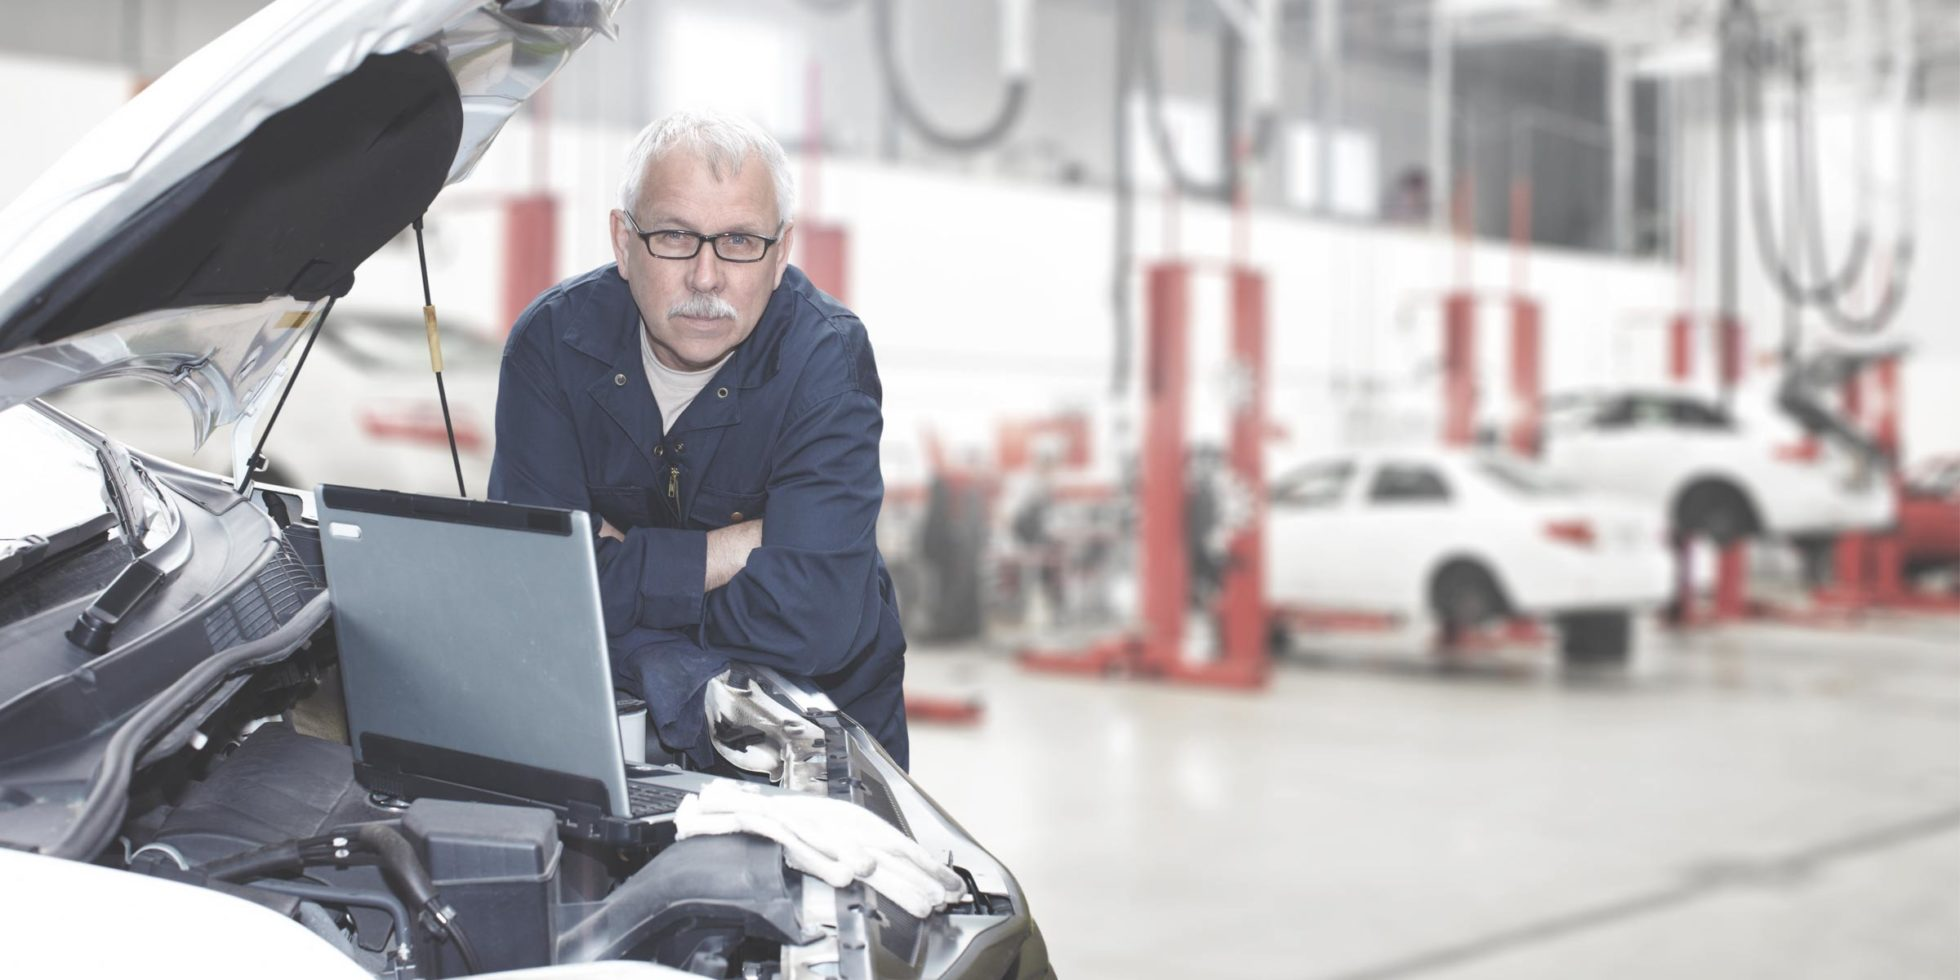 Bilmekaniker kjører diagnostikktest, bilverksted i bakgrunnen